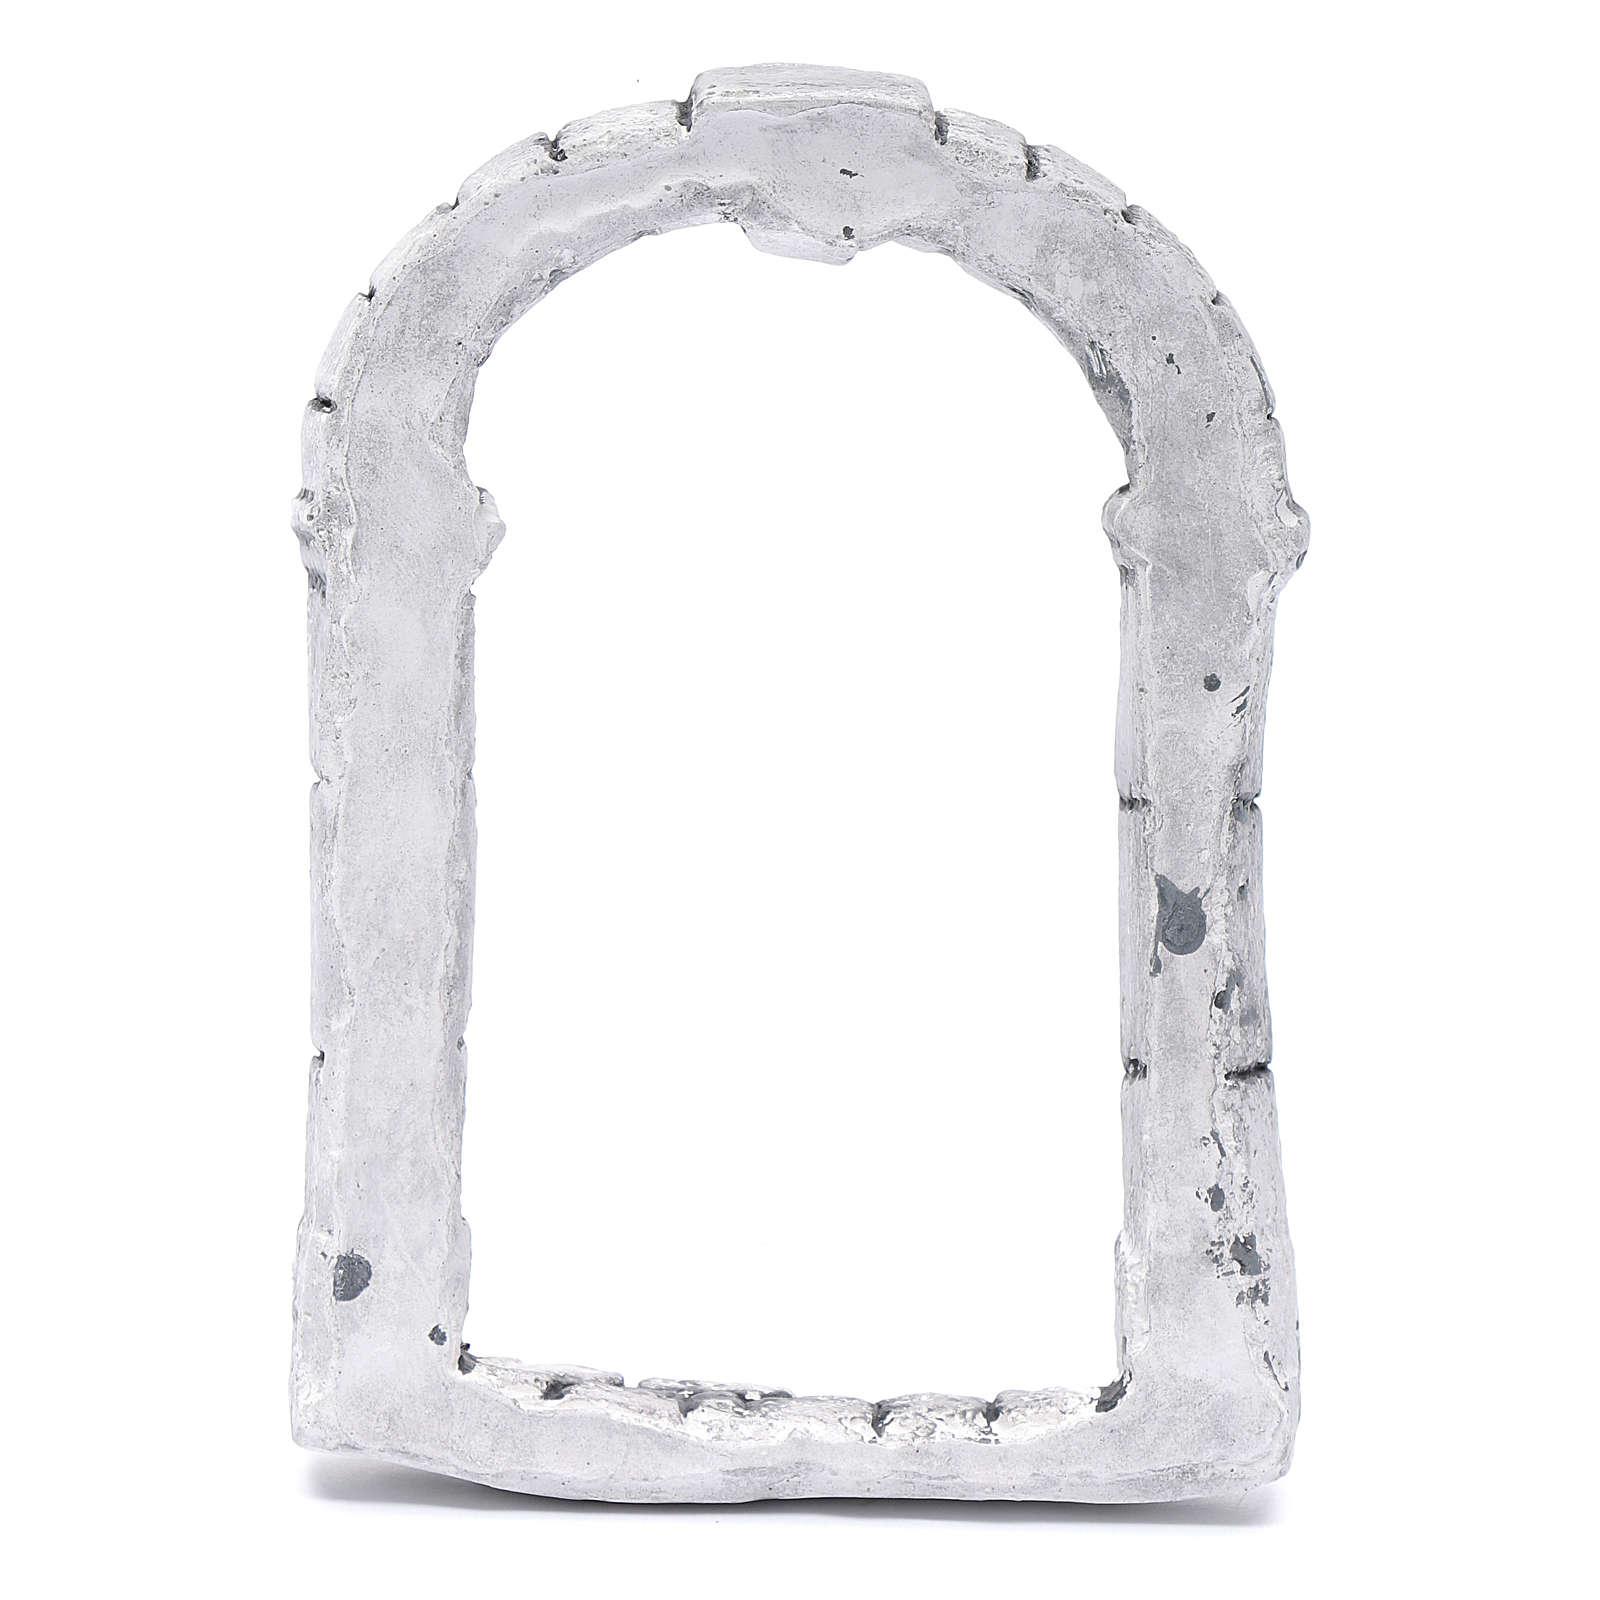 Portón para belén hecho con bricolaje 15x10 cm resina 4